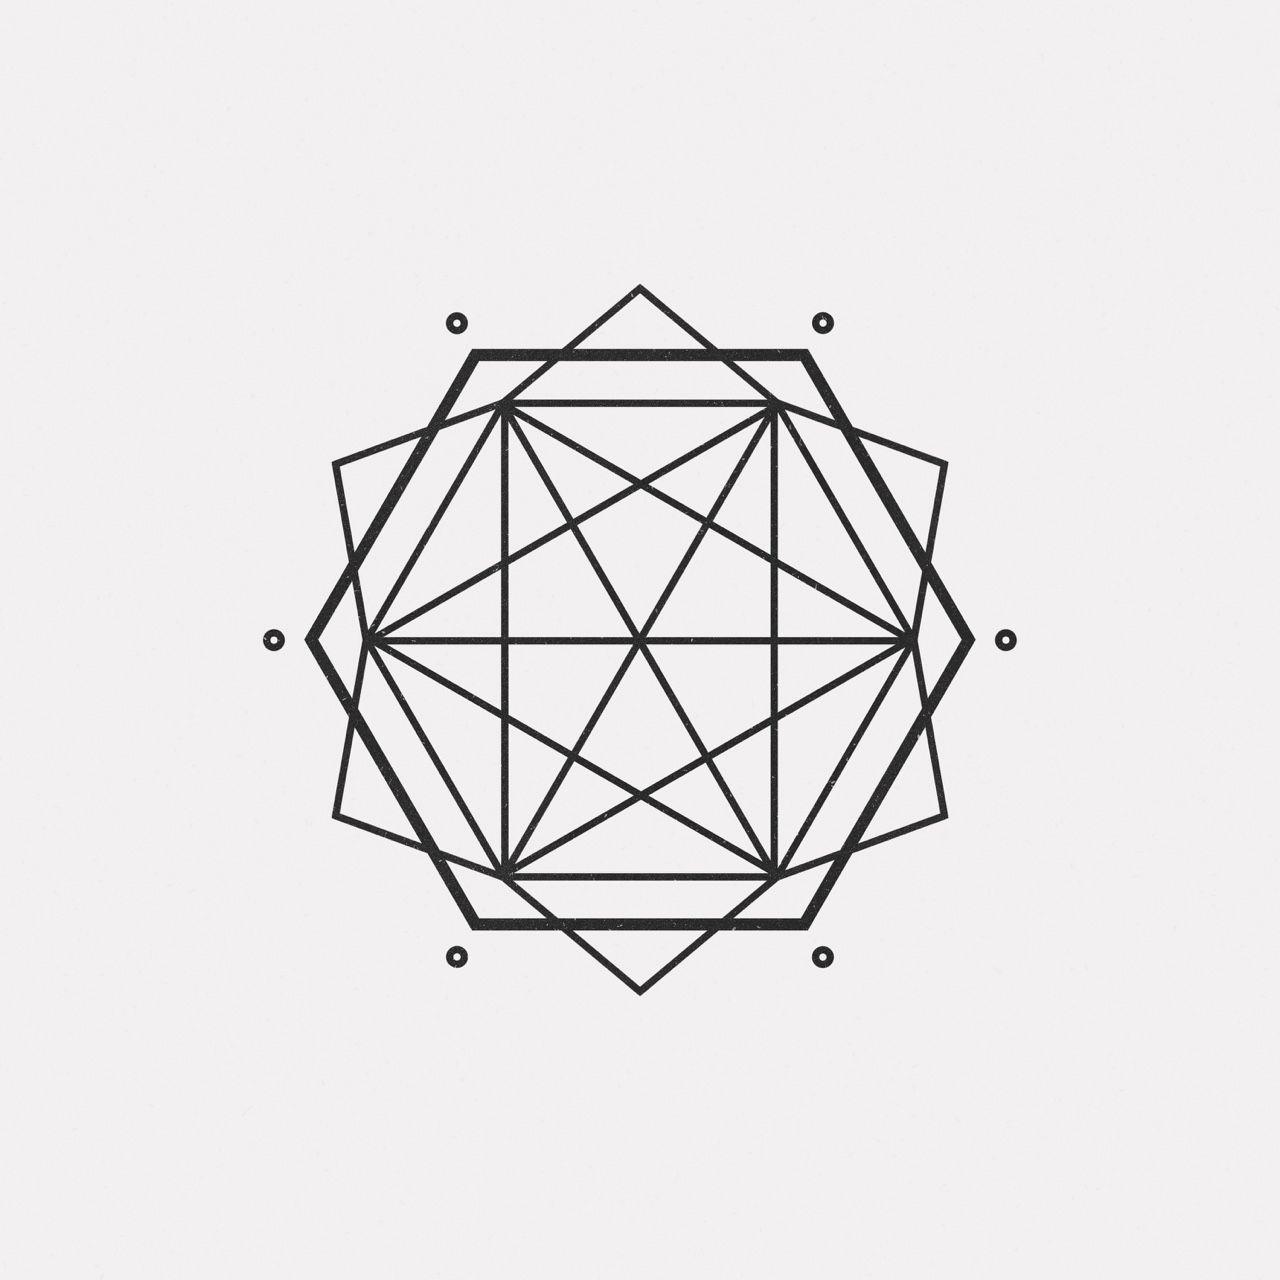 """Dailyminimal: """" #oc16-728 A New Geometric Design Every Day für Geometrisches Zeichnen Vorlagen"""